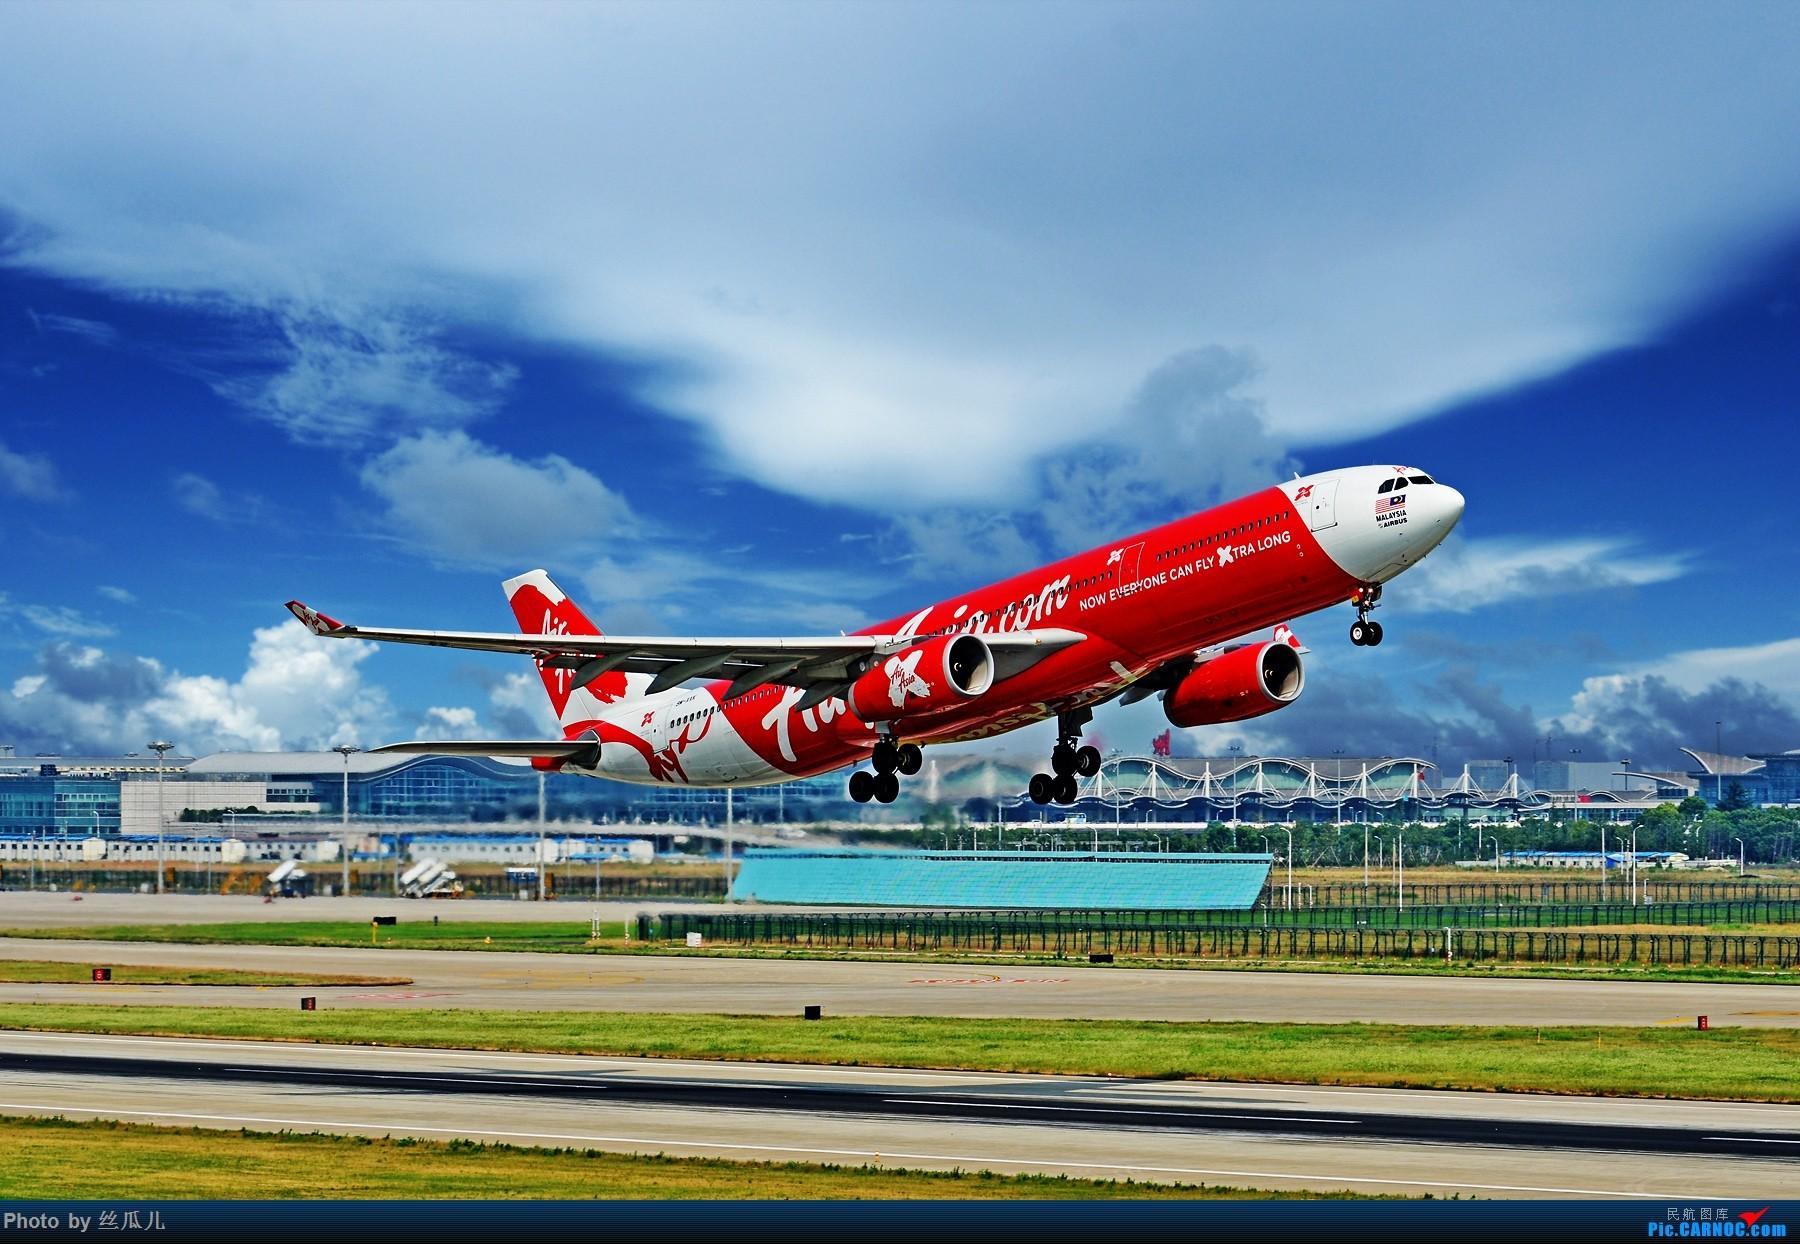 [原创]【徘徊在HGH的丝瓜】丧心病狂的老图新修系列(元旦特供)----闪亮亮的大红灯笼,祝大家2016红红火火! AIRBUS A330-300 9M-XXK 中国杭州萧山国际机场